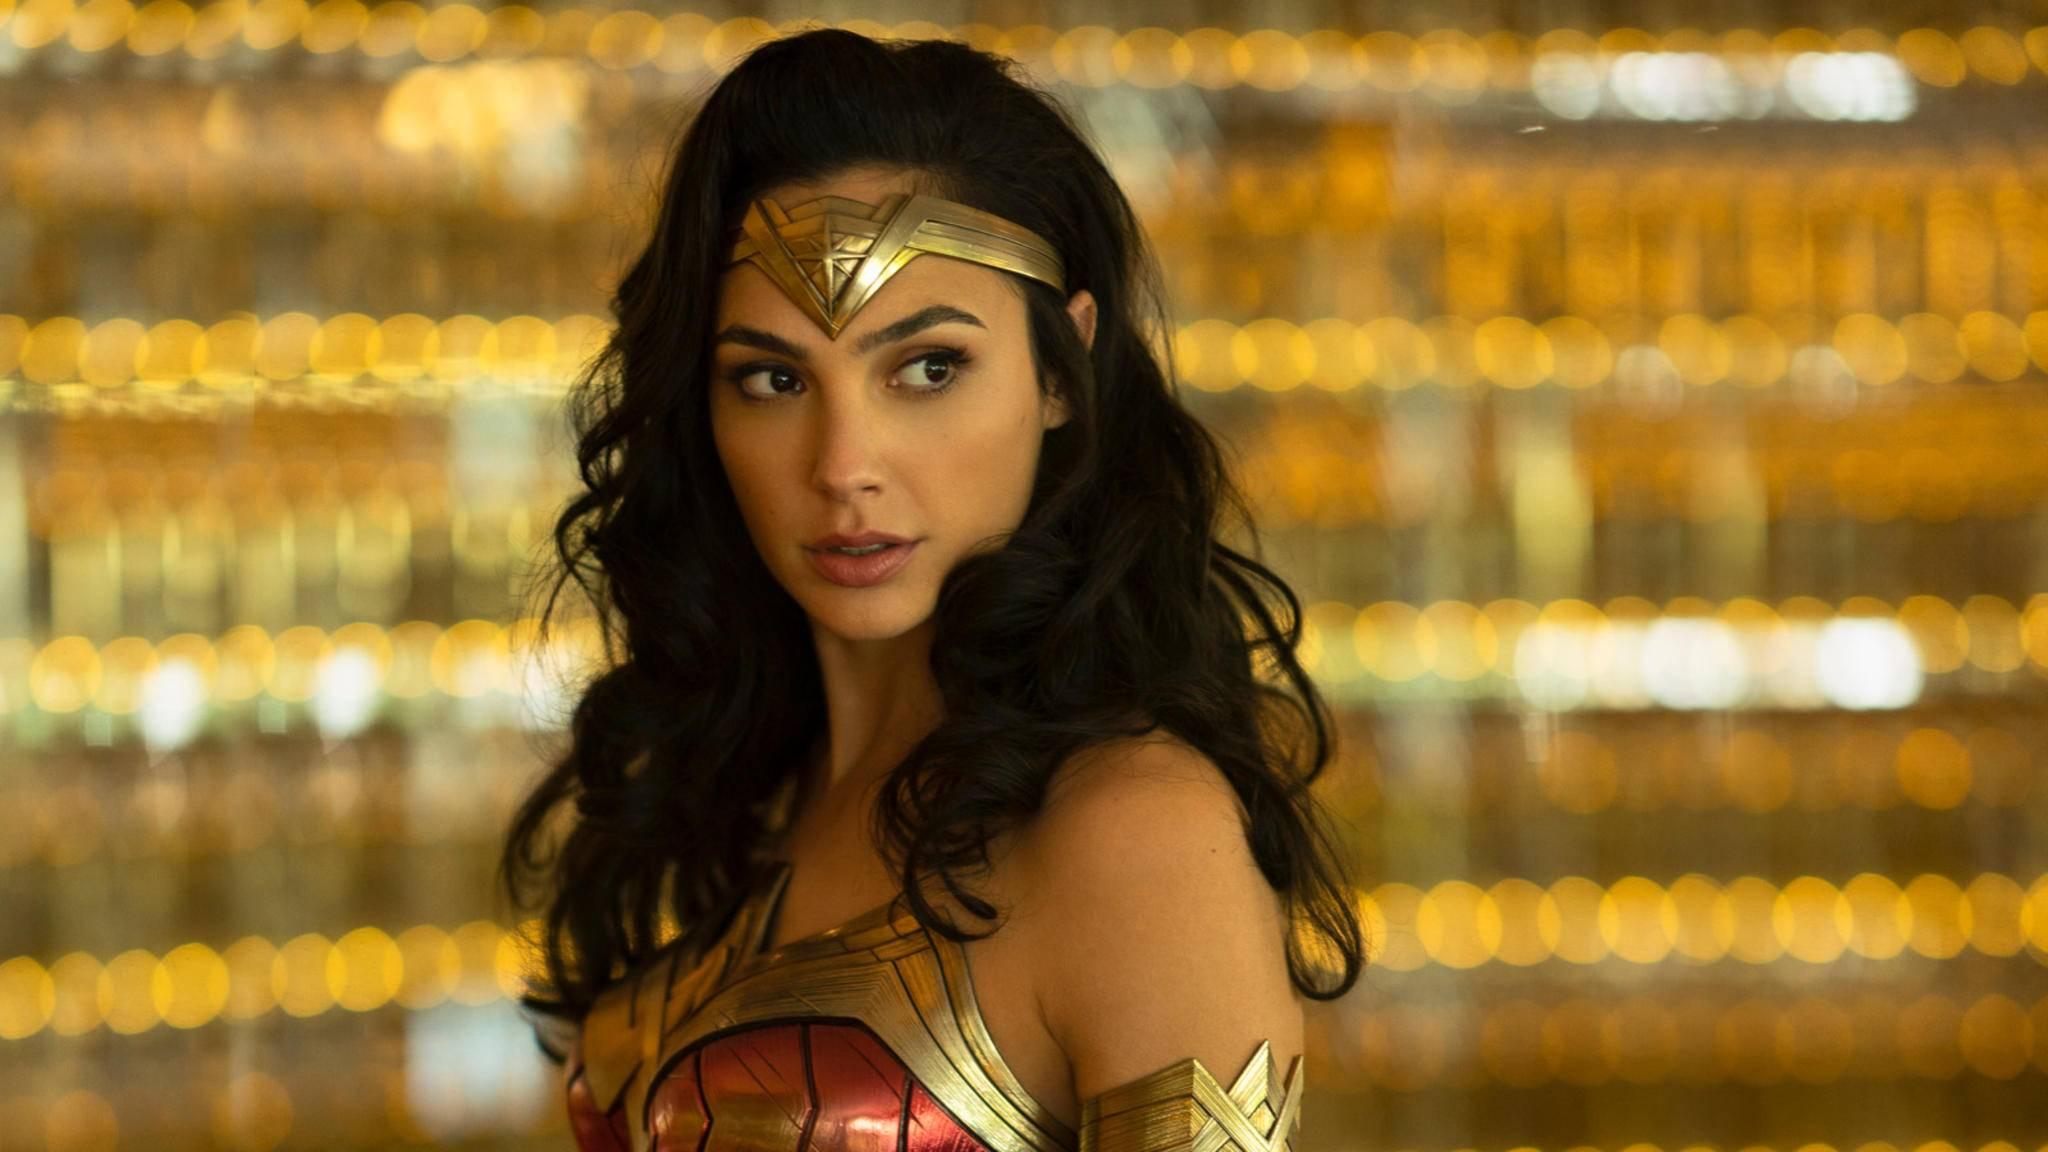 Da wird nicht nur Wonder Woman hellhörig: Für die SDCC 2018 wurden jede Menge interessante Panels angekündigt.